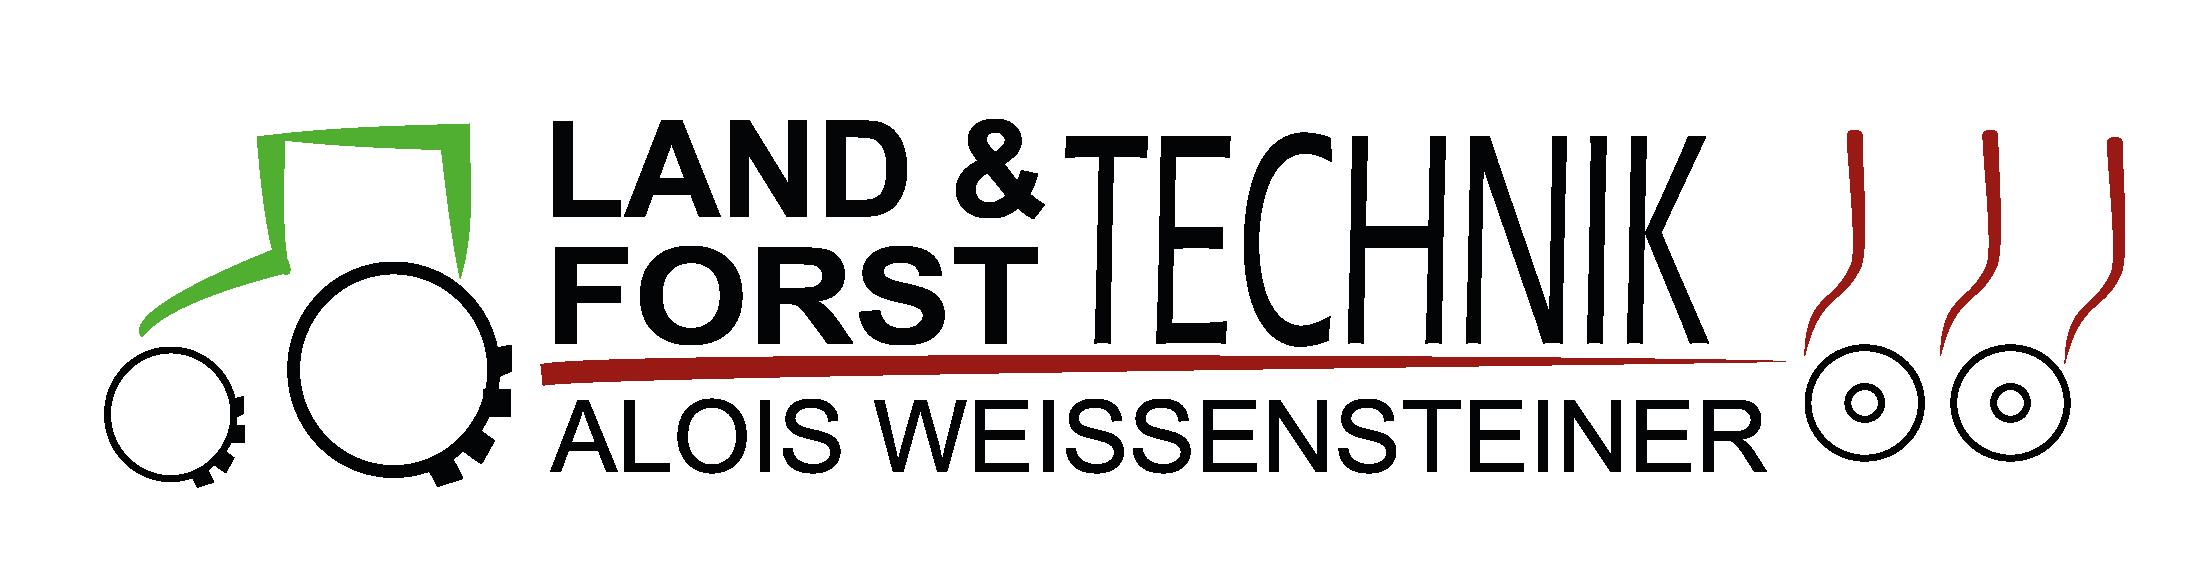 Weisensteiner Logo_Variationen-06